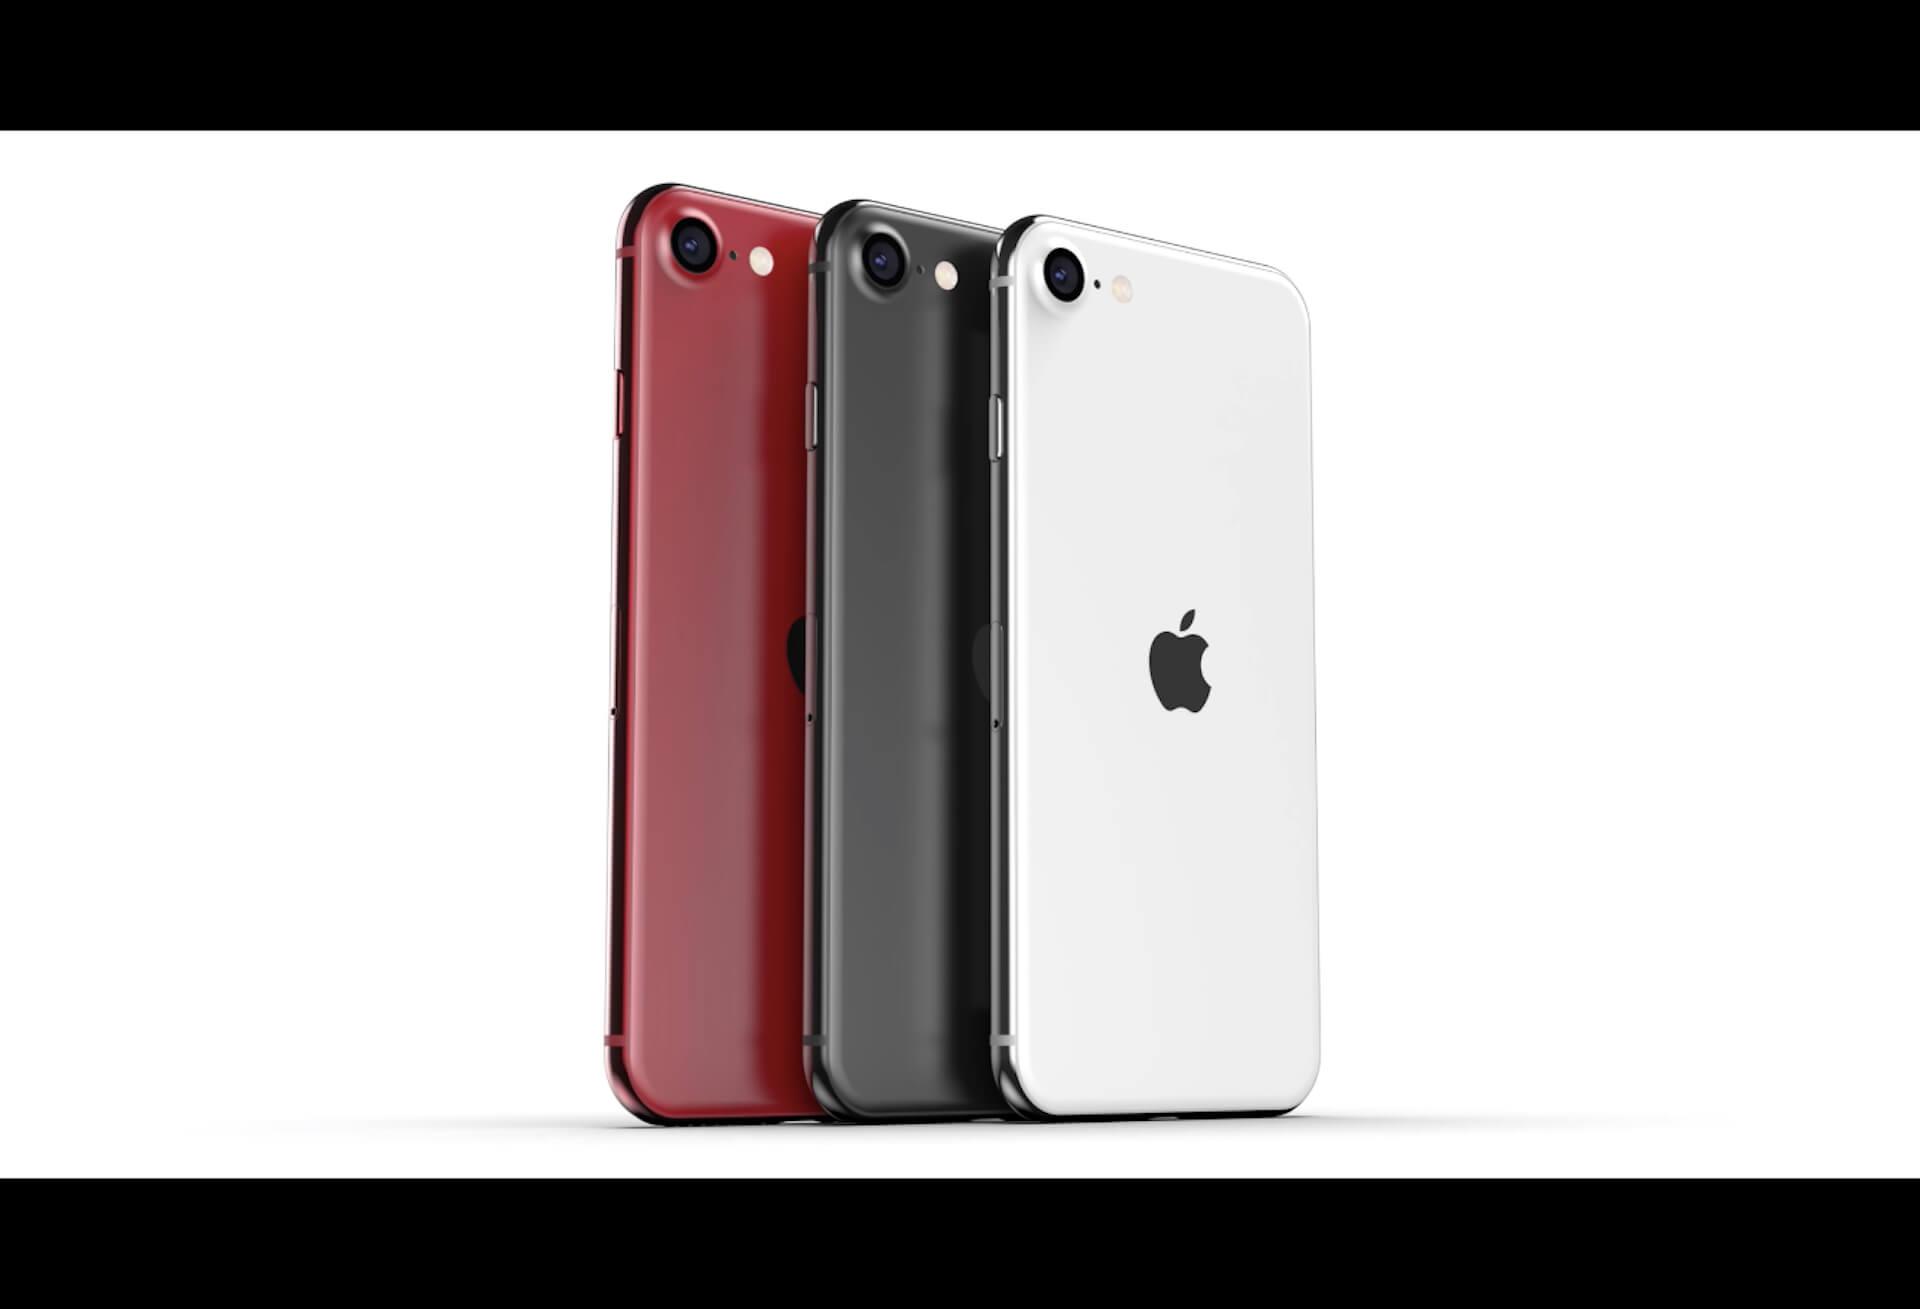 今日、明日にも発表とうわさのiPhone 9はこんな性能になる? tech200415_iphone9_main